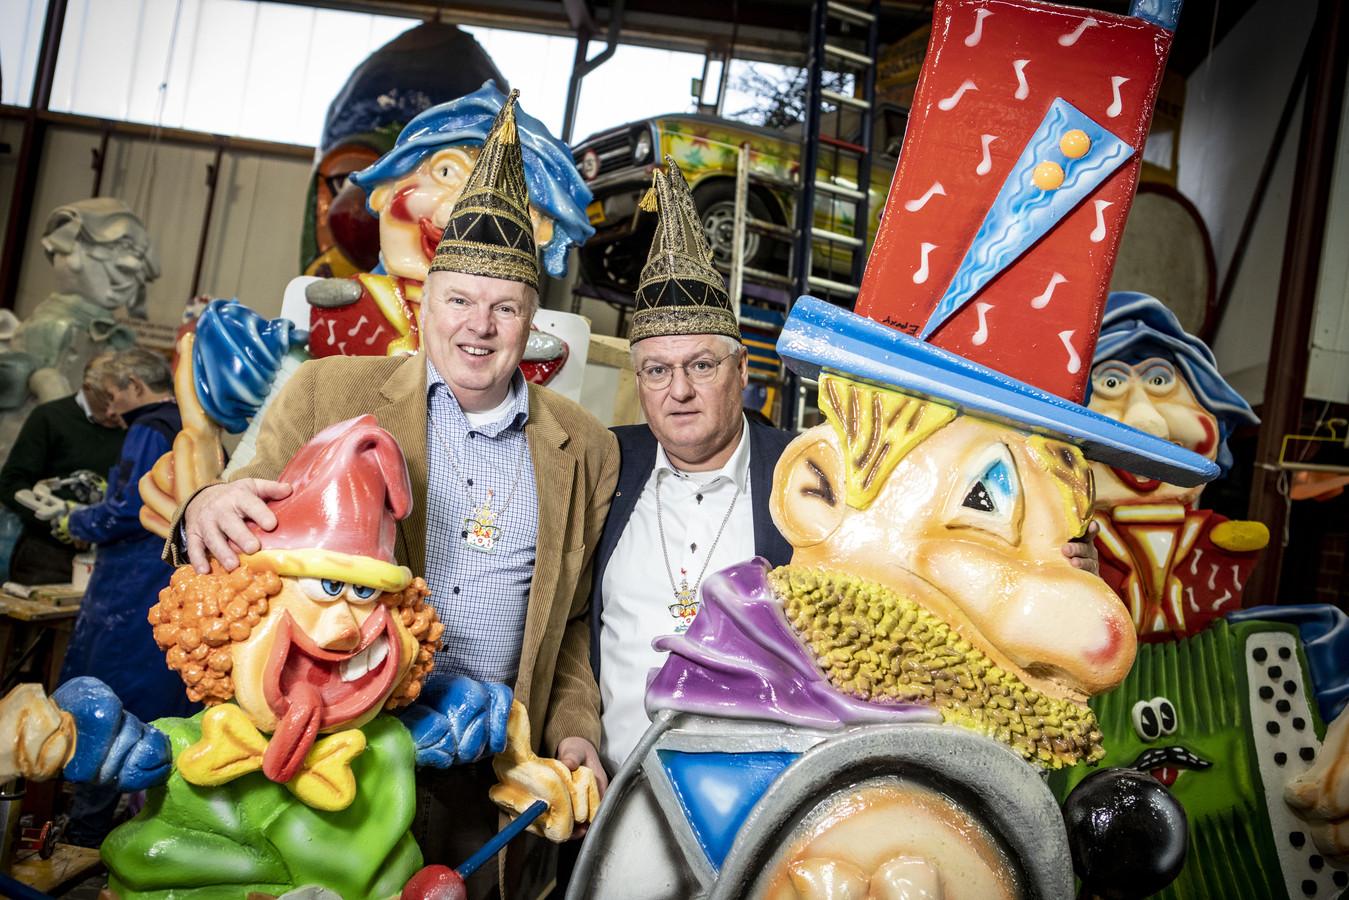 Kadolster-kopstukken Herman Bodéwes (links) en Peter Siers omringd door poppen die tijdens het komende carnavalsfeest in de straten van Oldenzaal worden geplaatst.